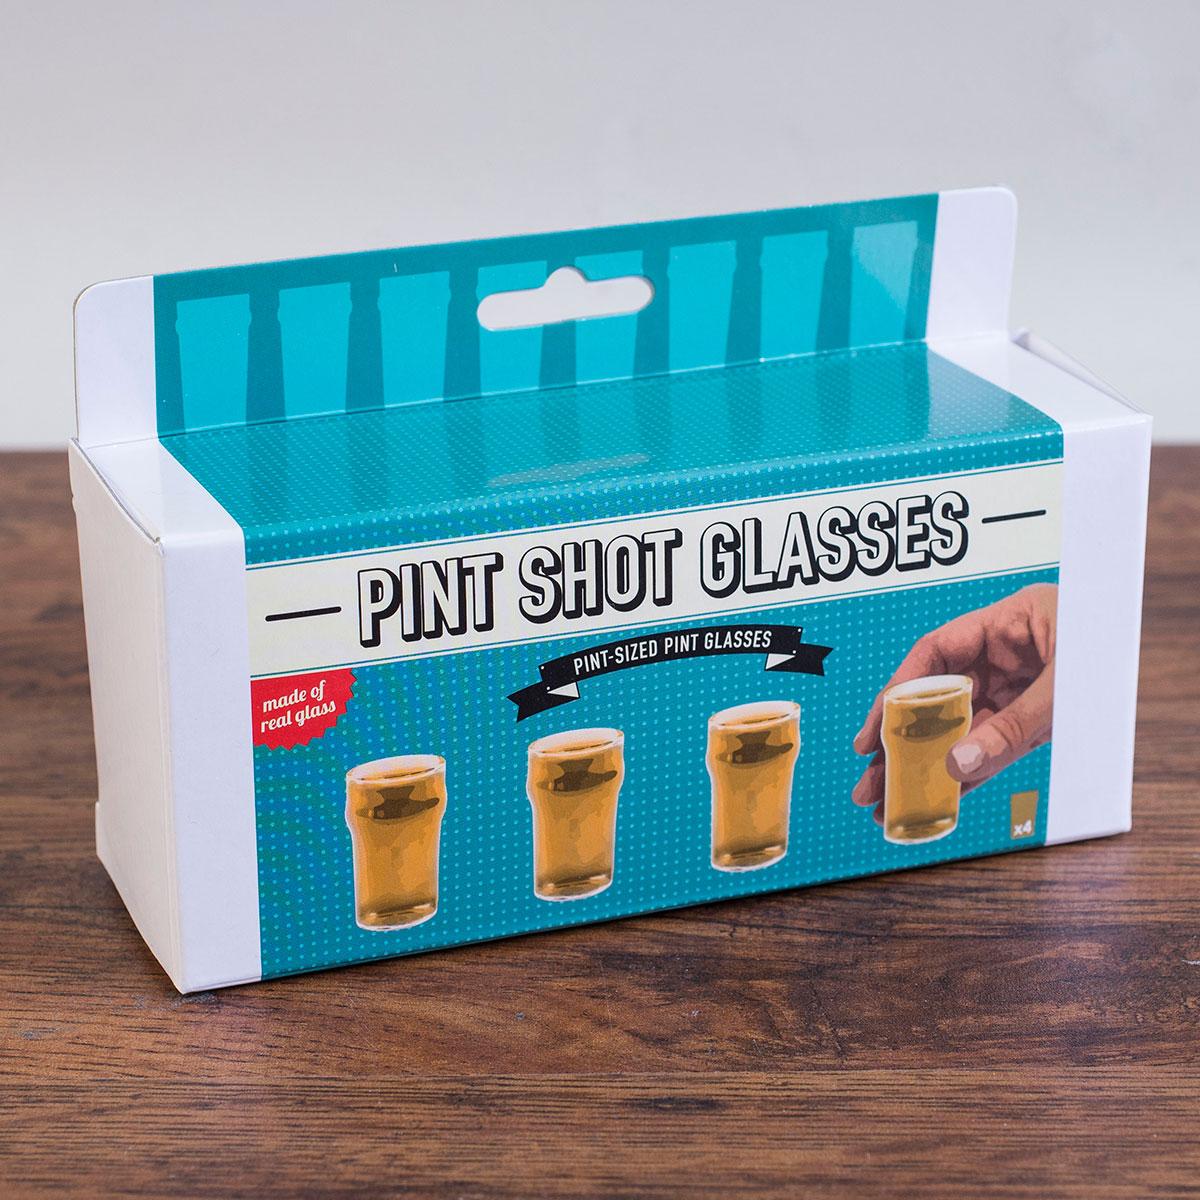 Pint Shot Glasses